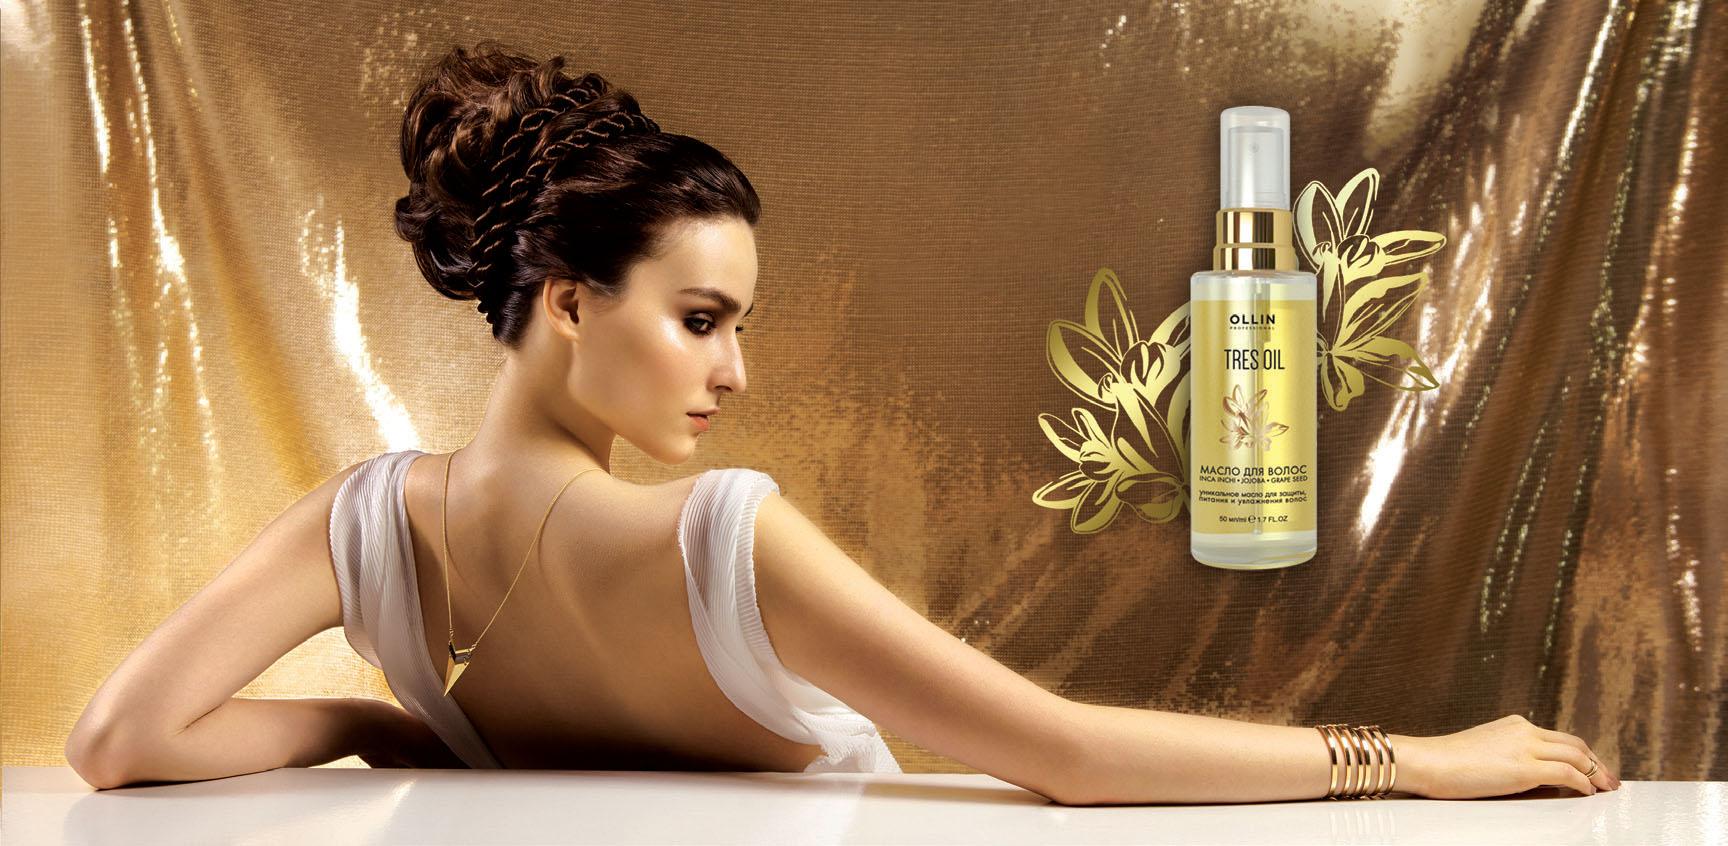 Олин профессиональная косметика масло для волос